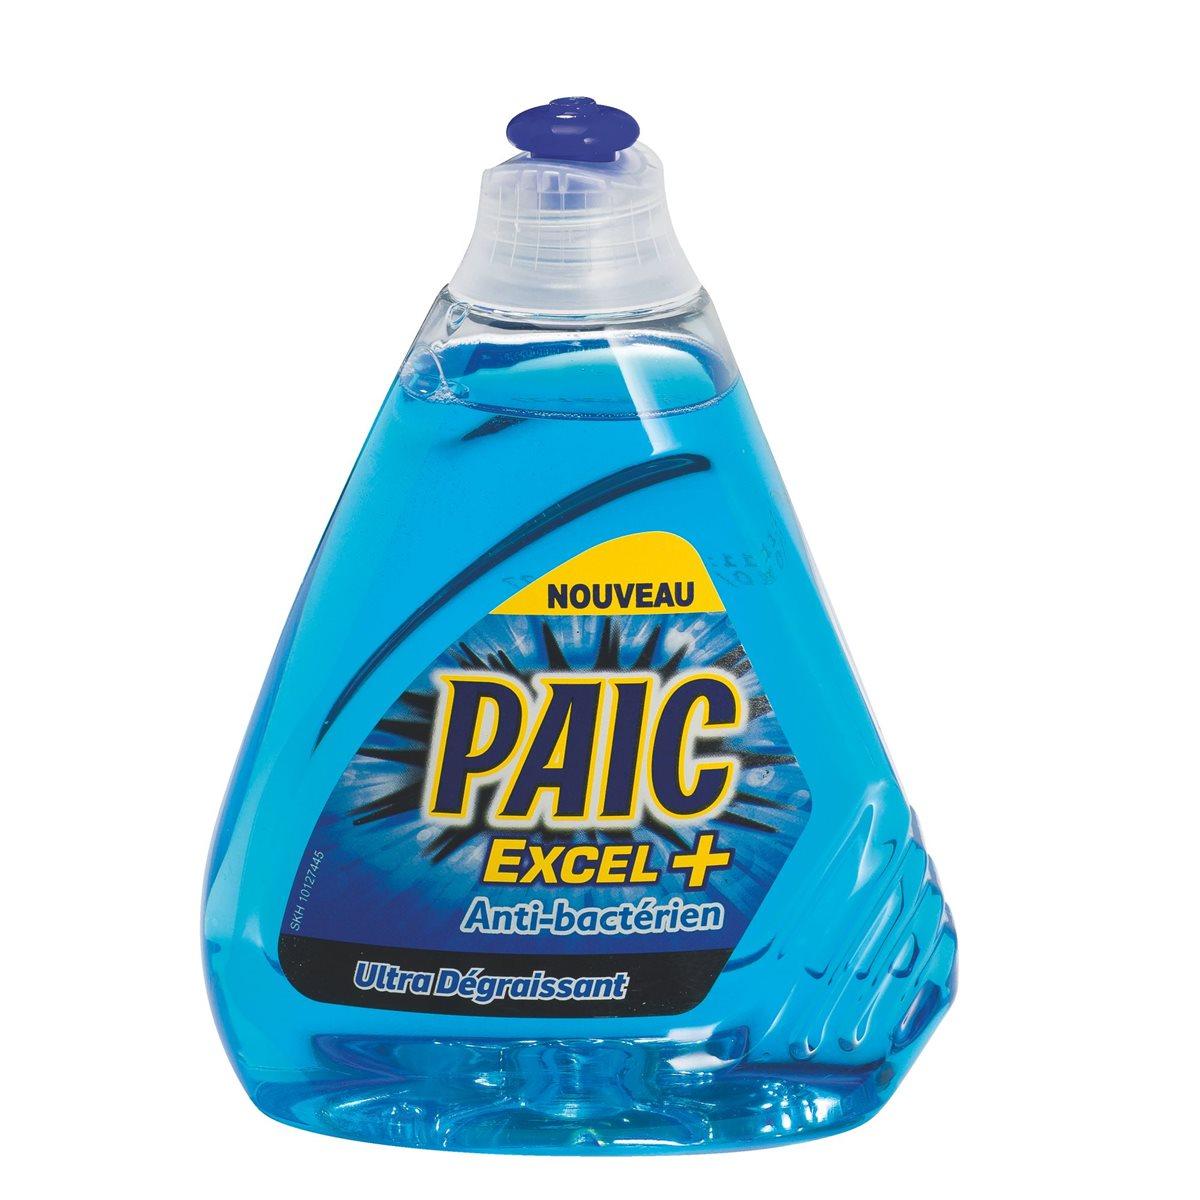 Liquide vaisselle Excel + Antibactérien, Paic (500 ml)